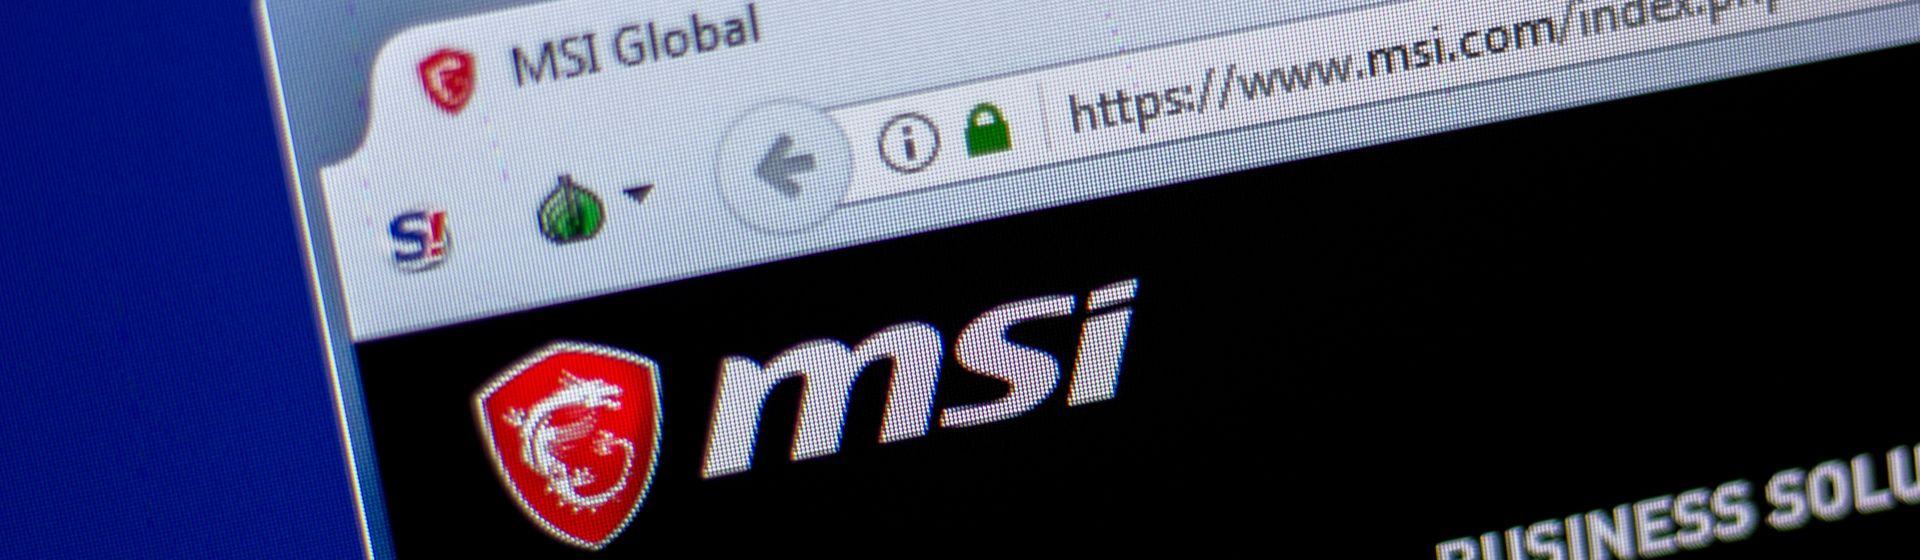 MSI Afterburner: como configurar e usar o programa